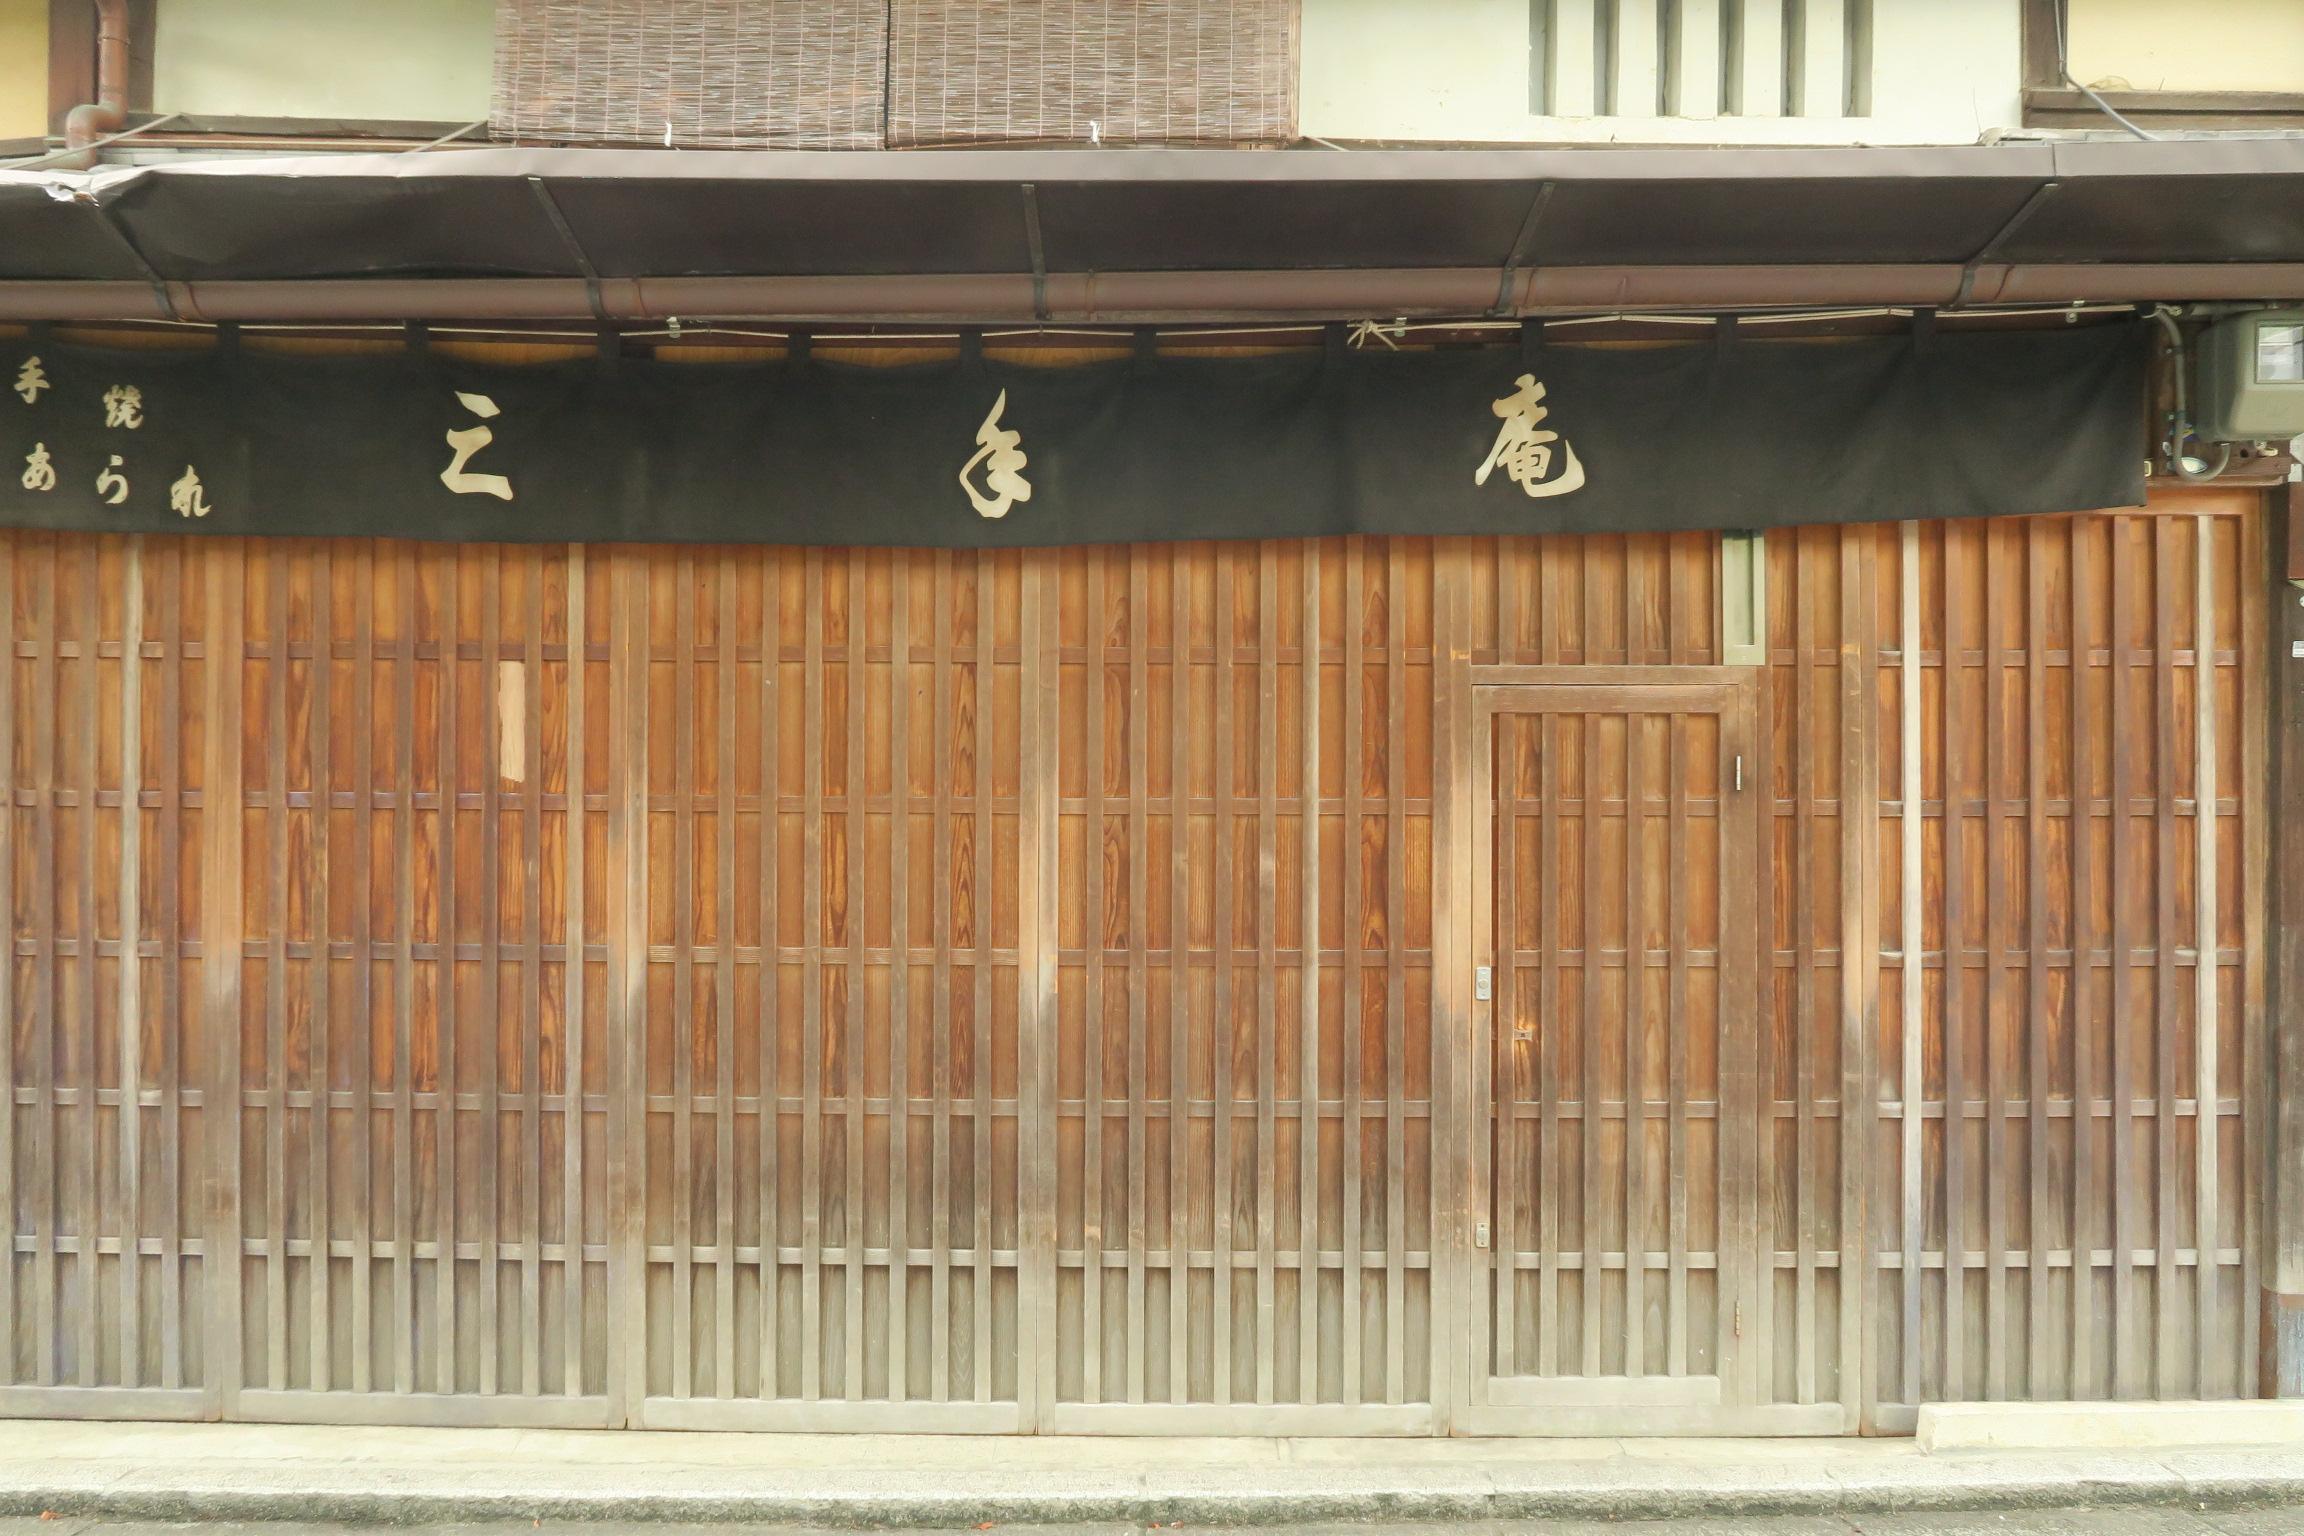 昔は玄関の大きさが納める税に影響したと言われていますが、この小さな出入口も関係してるのですかね?